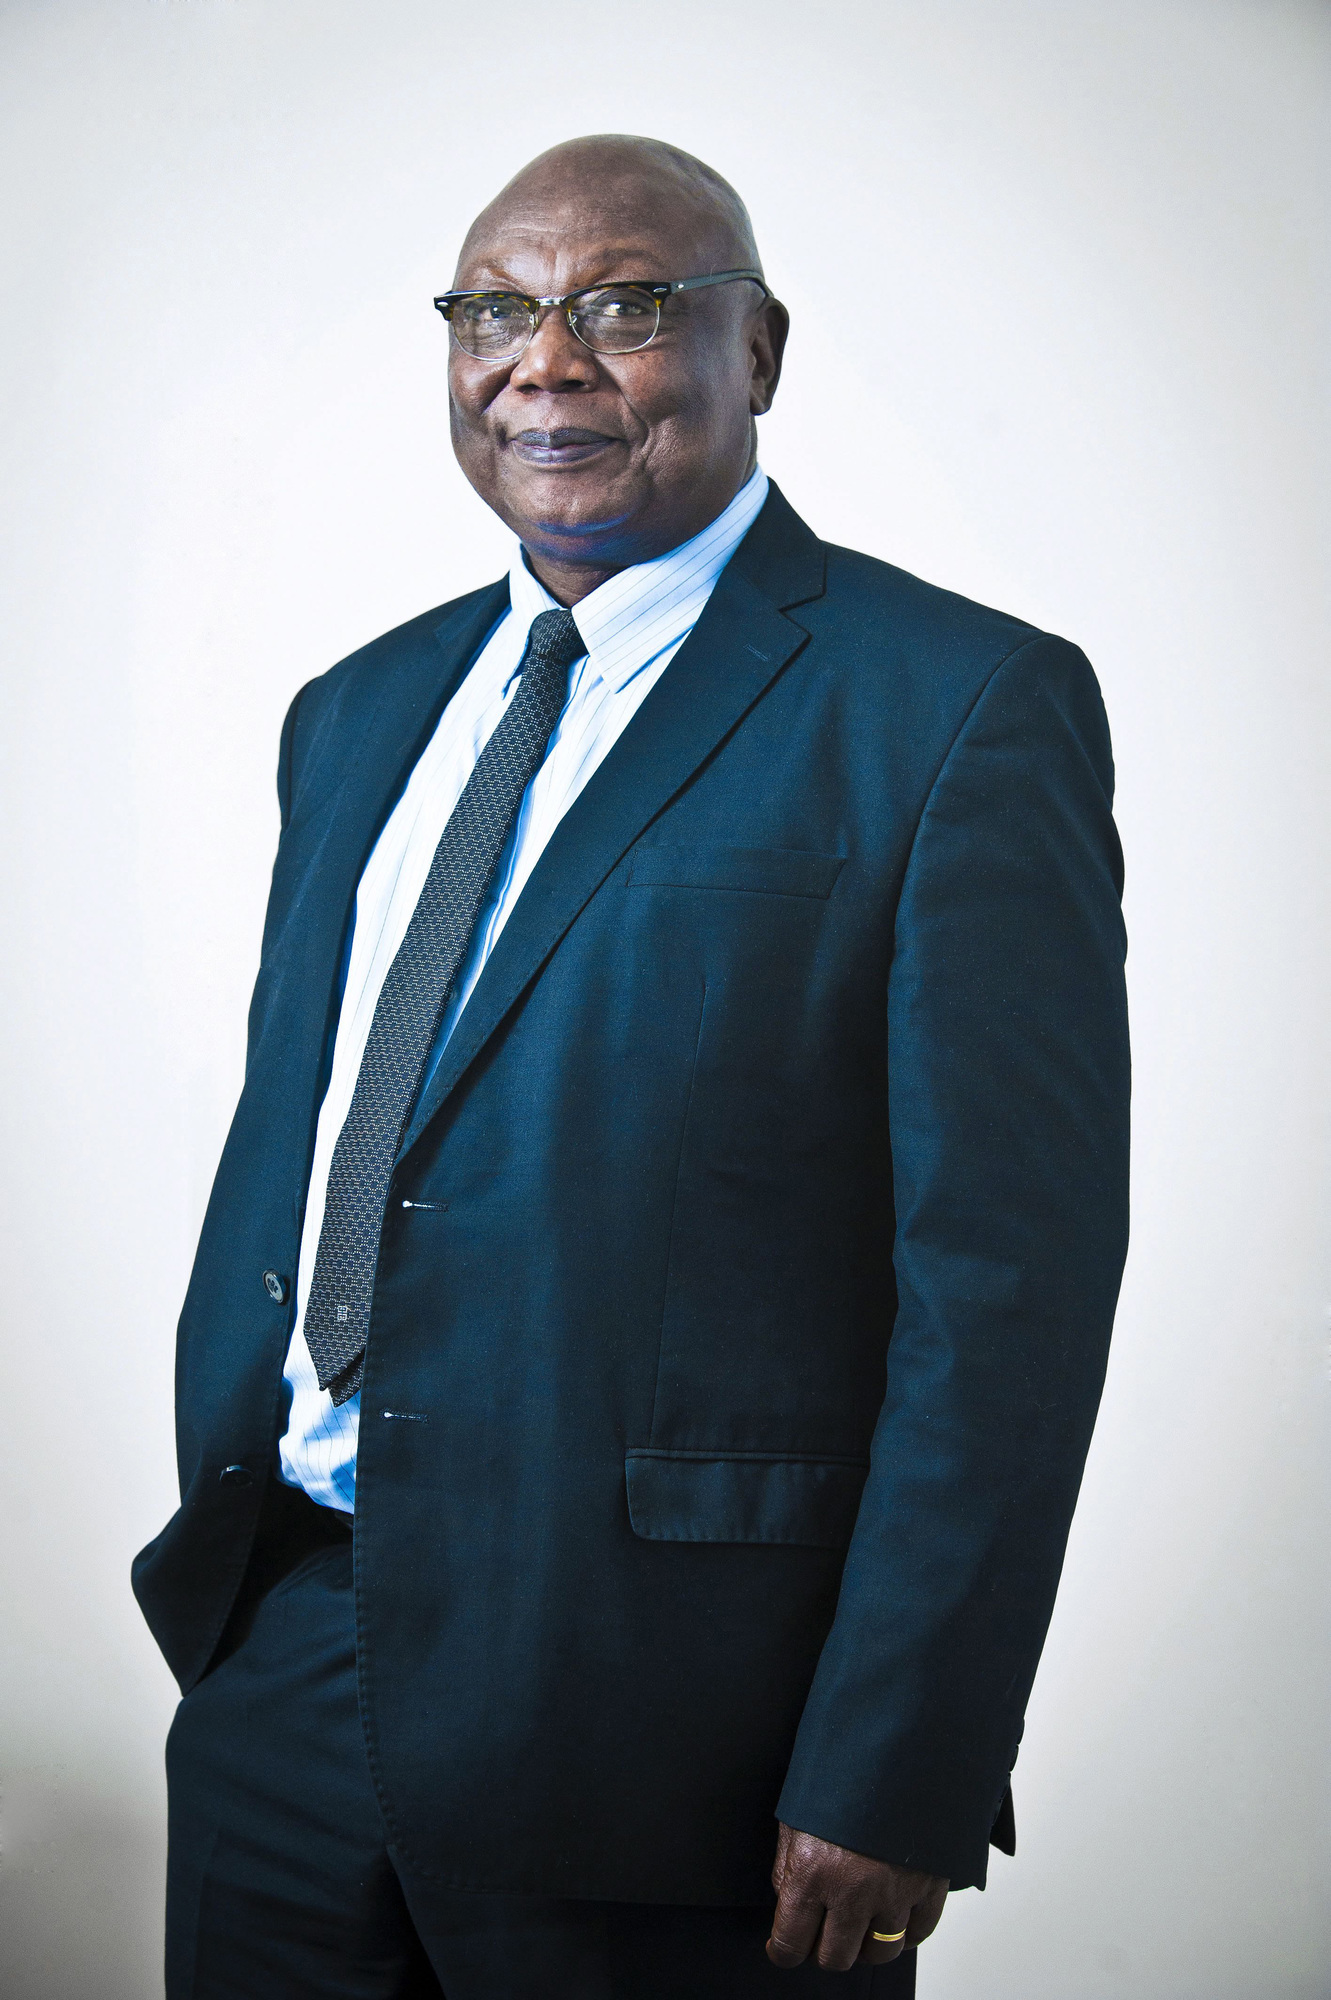 Martin Ziguele (RCA - Centrafrique), ancien Premier ministre du President Patasse de 2001 a 2003, candidat a l'election presidentielle de 2015 et toujours president du Mouvement pour la Liberation du Peuple Centrafricain (MLPC). A Paris le 20/11/2019. Poto: Vincent Fournier/JA.